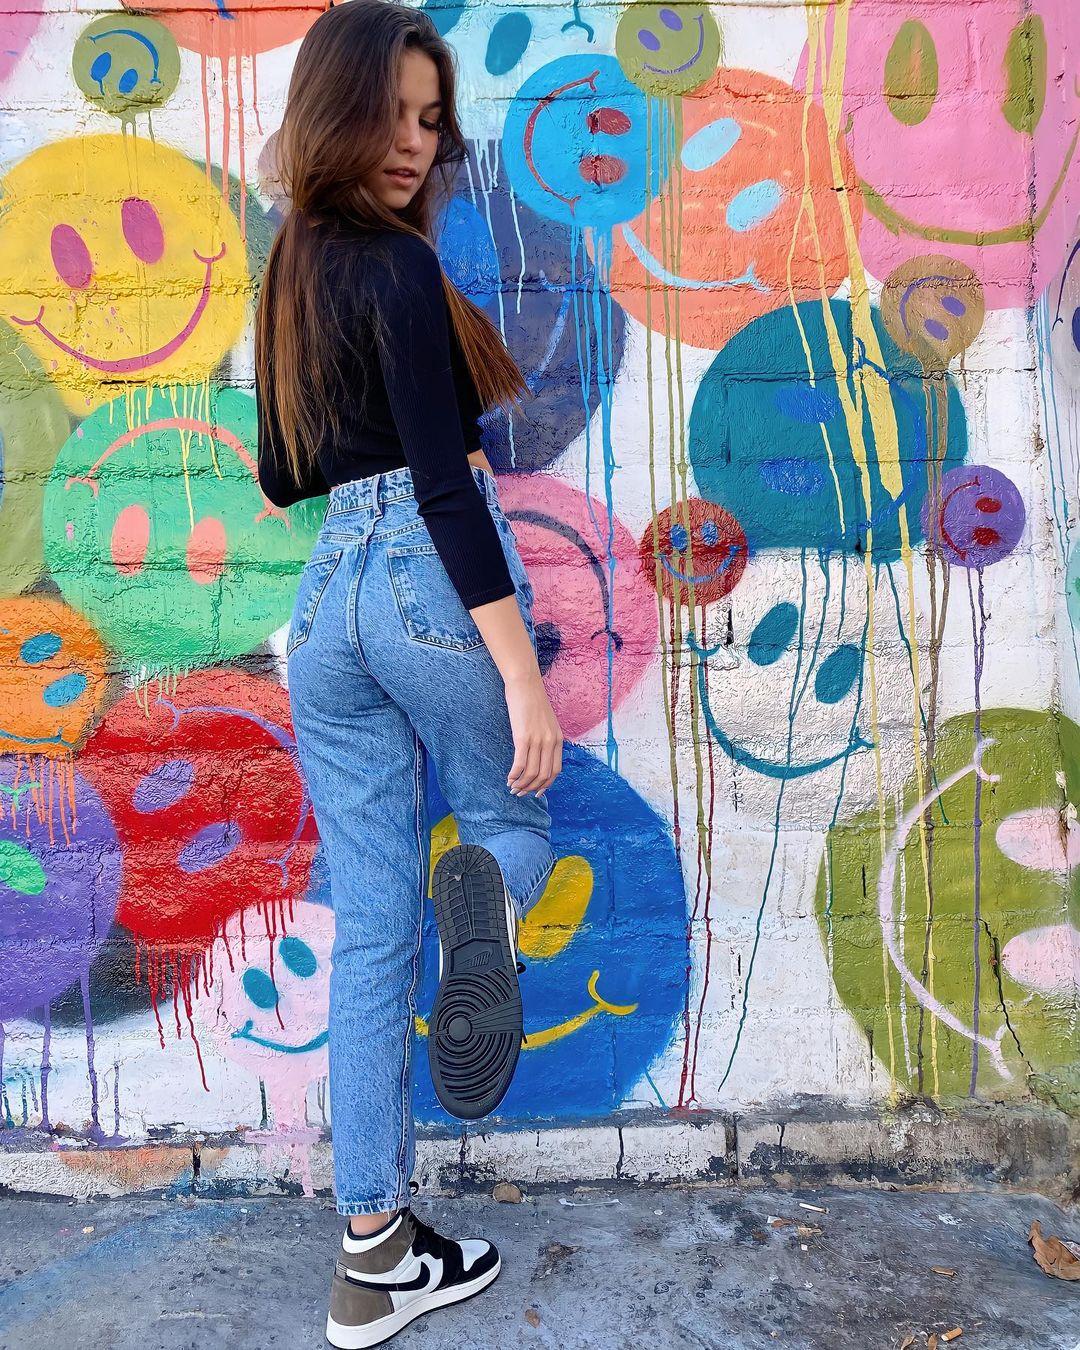 Grace-Boor-Wallpapers-Insta-Fit-Bio-3